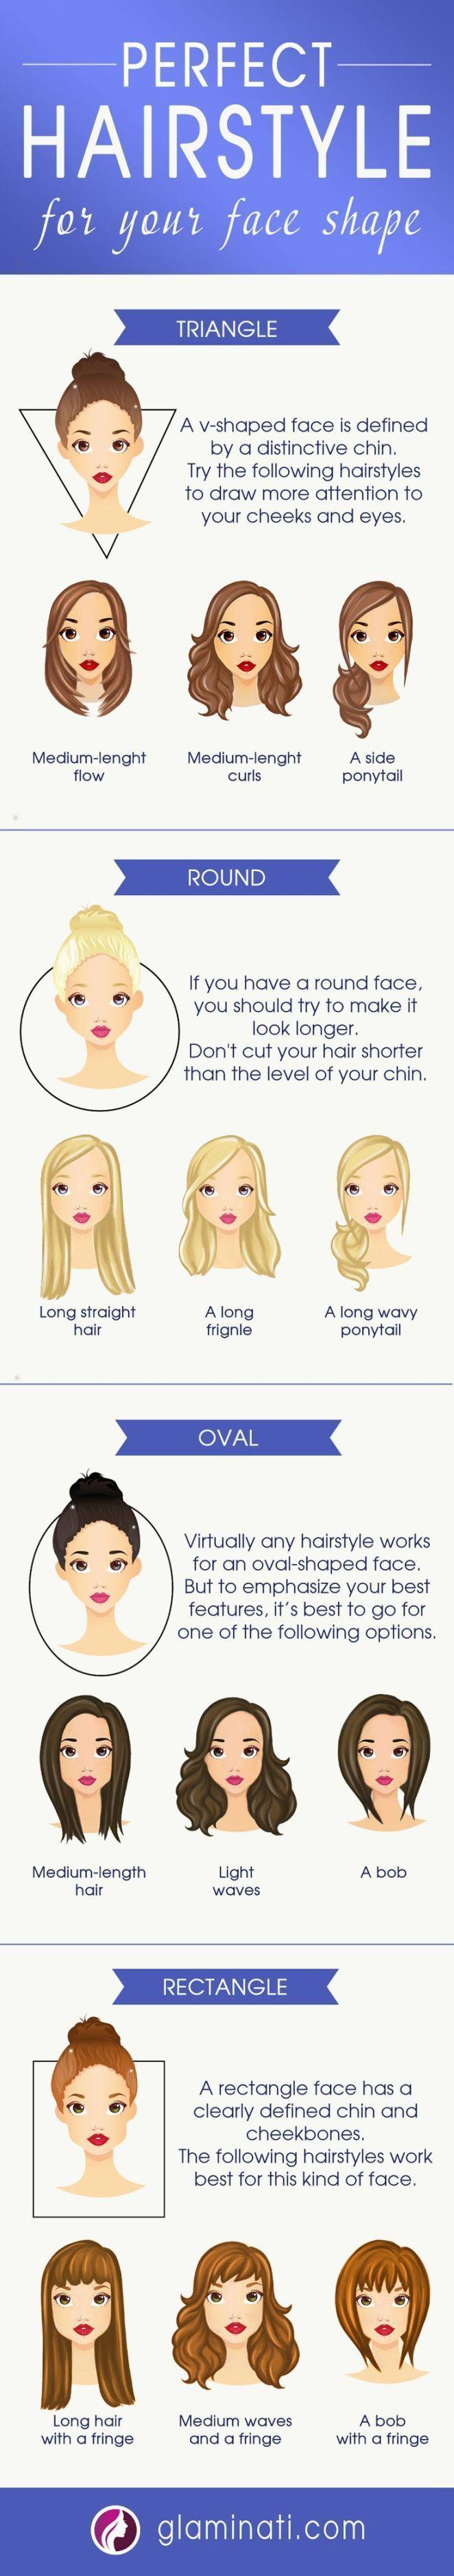 Lovely Try Frisuren auf Ihrem Gesicht